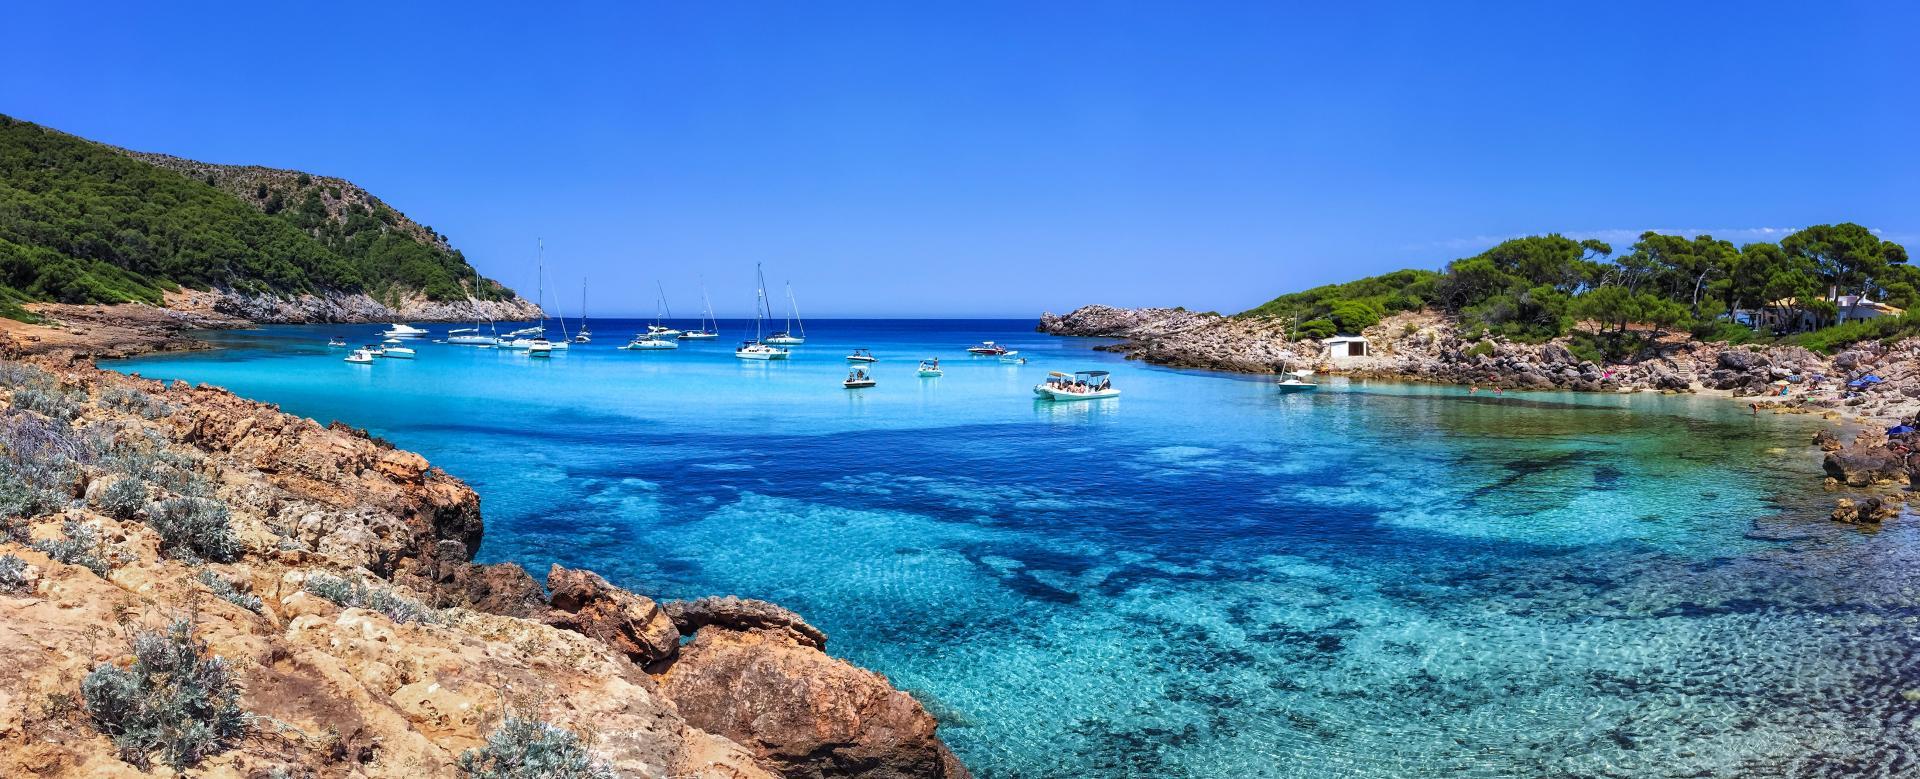 Voyage à pied Espagne : Minorque, secret de la méditerranée